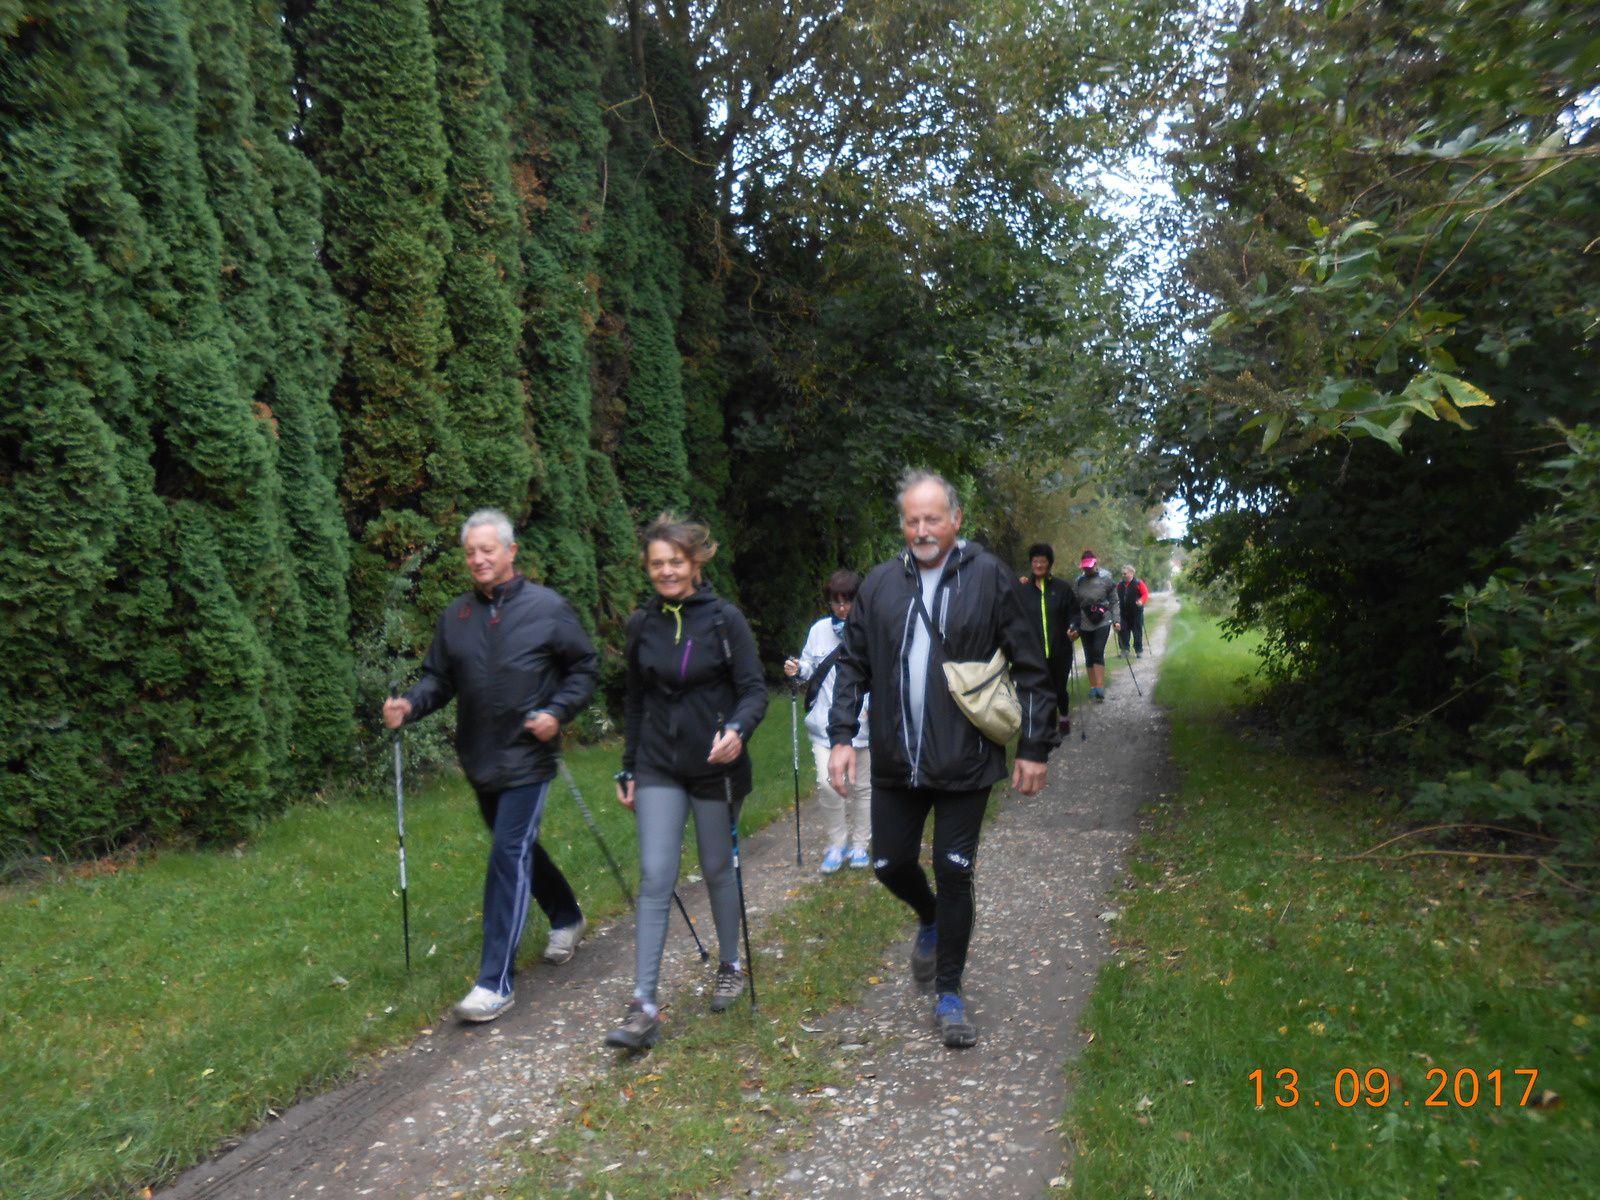 Marche nordique du mercredi 13/09 à Pont de Metz